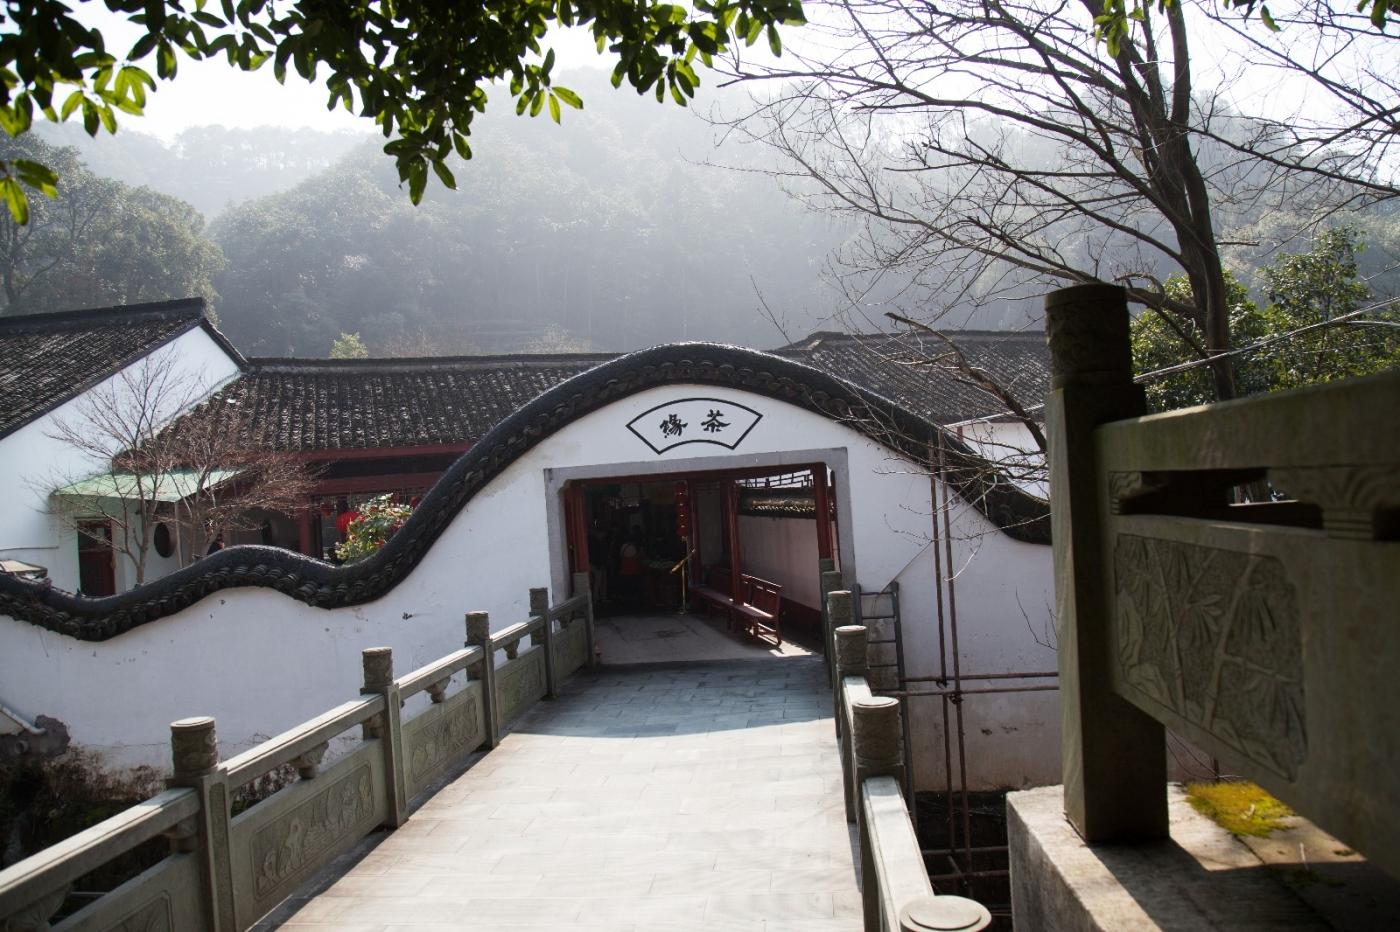 游杭州梅家坞茶场,品西湖龙井茶_图1-16